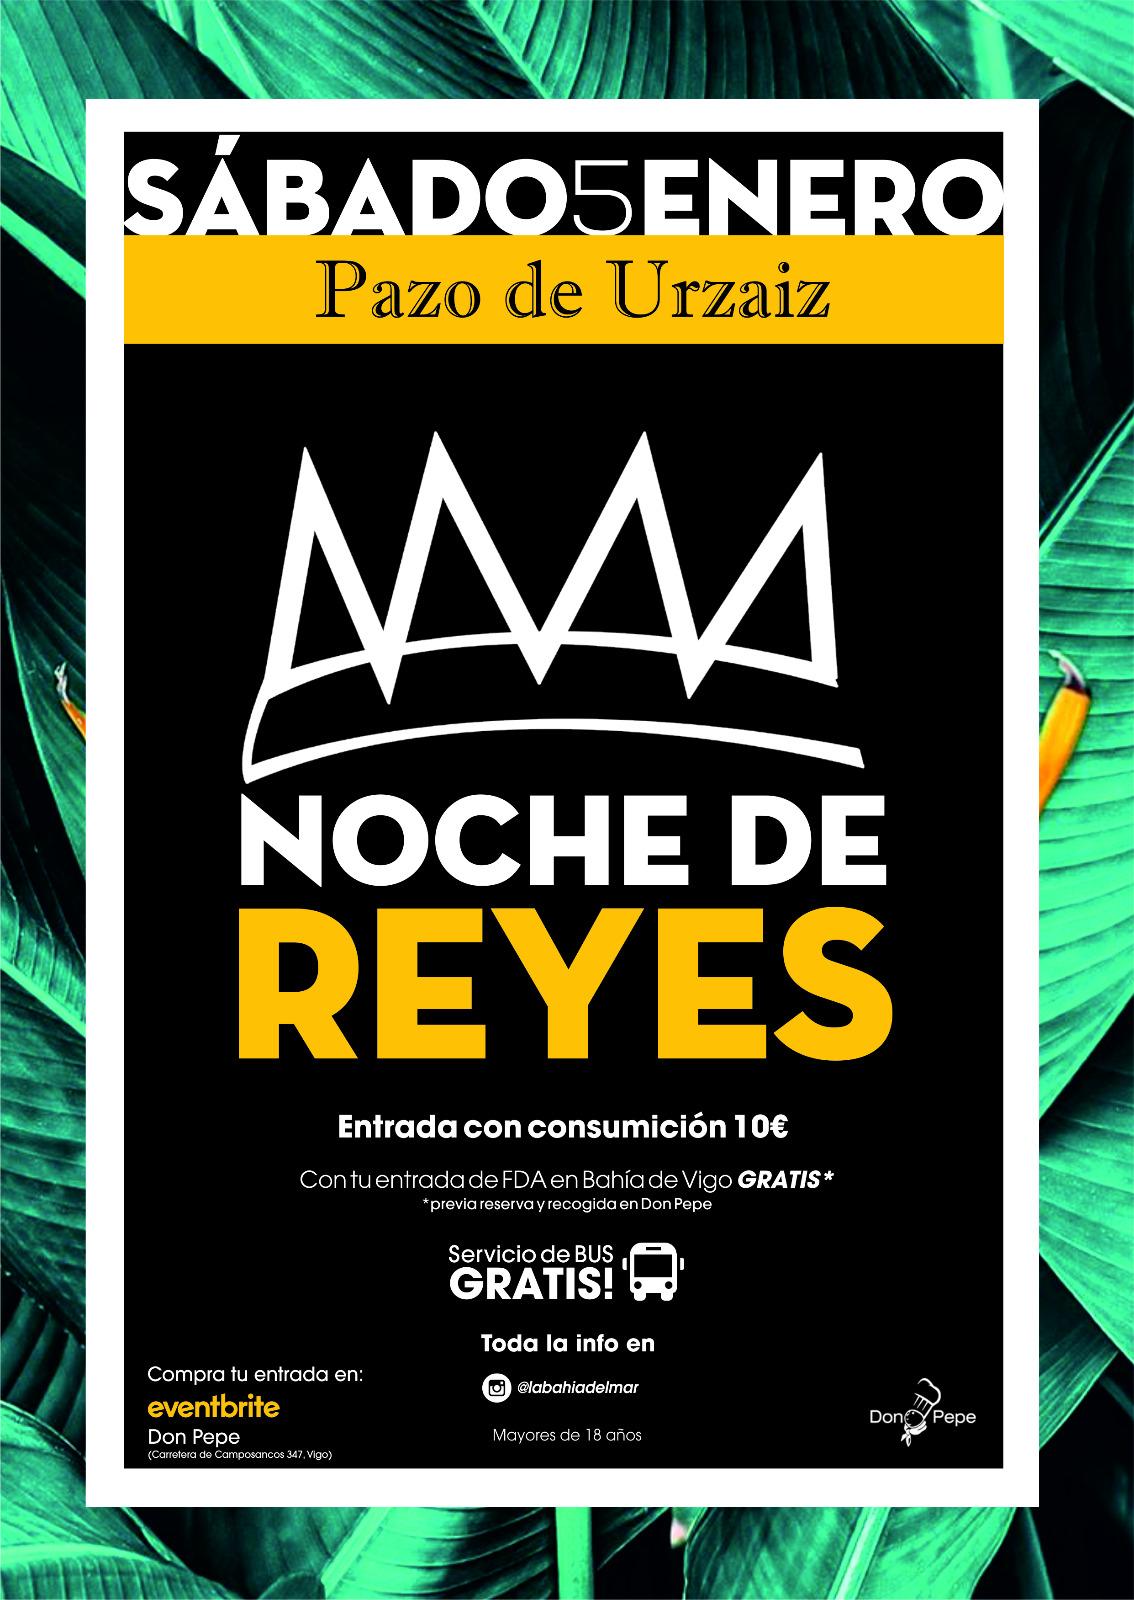 NOCHE DE REYES EN PAZO DE URZAIZ